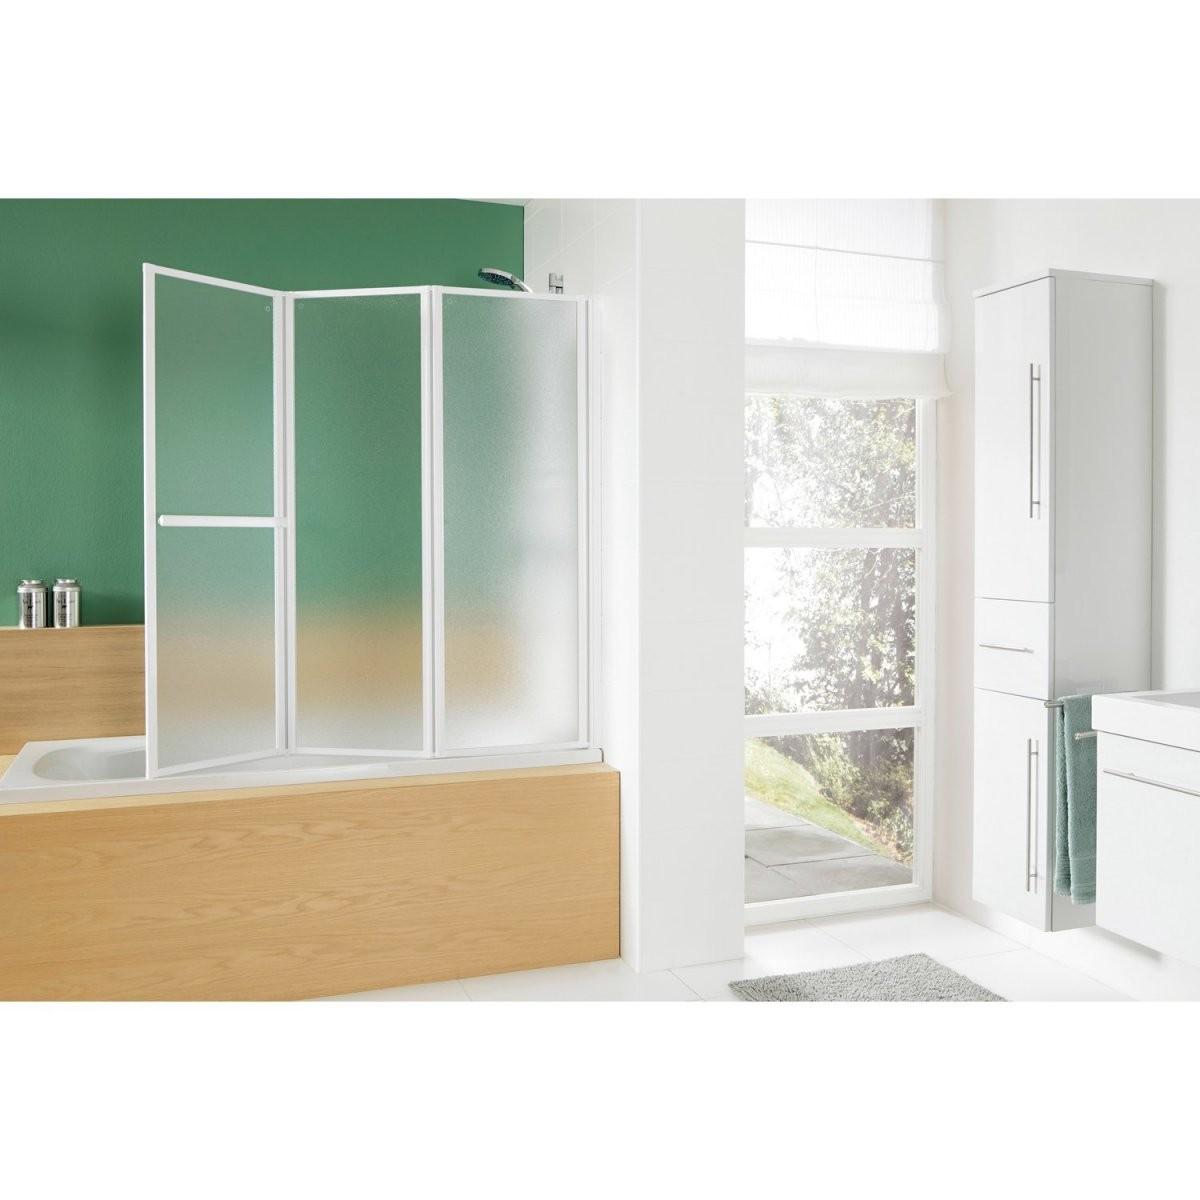 Obi Badewannenaufsatz Mit Handtuchhalter Mela Ii Echtglas 140 Cm X von Duschwand Für Badewanne Obi Photo